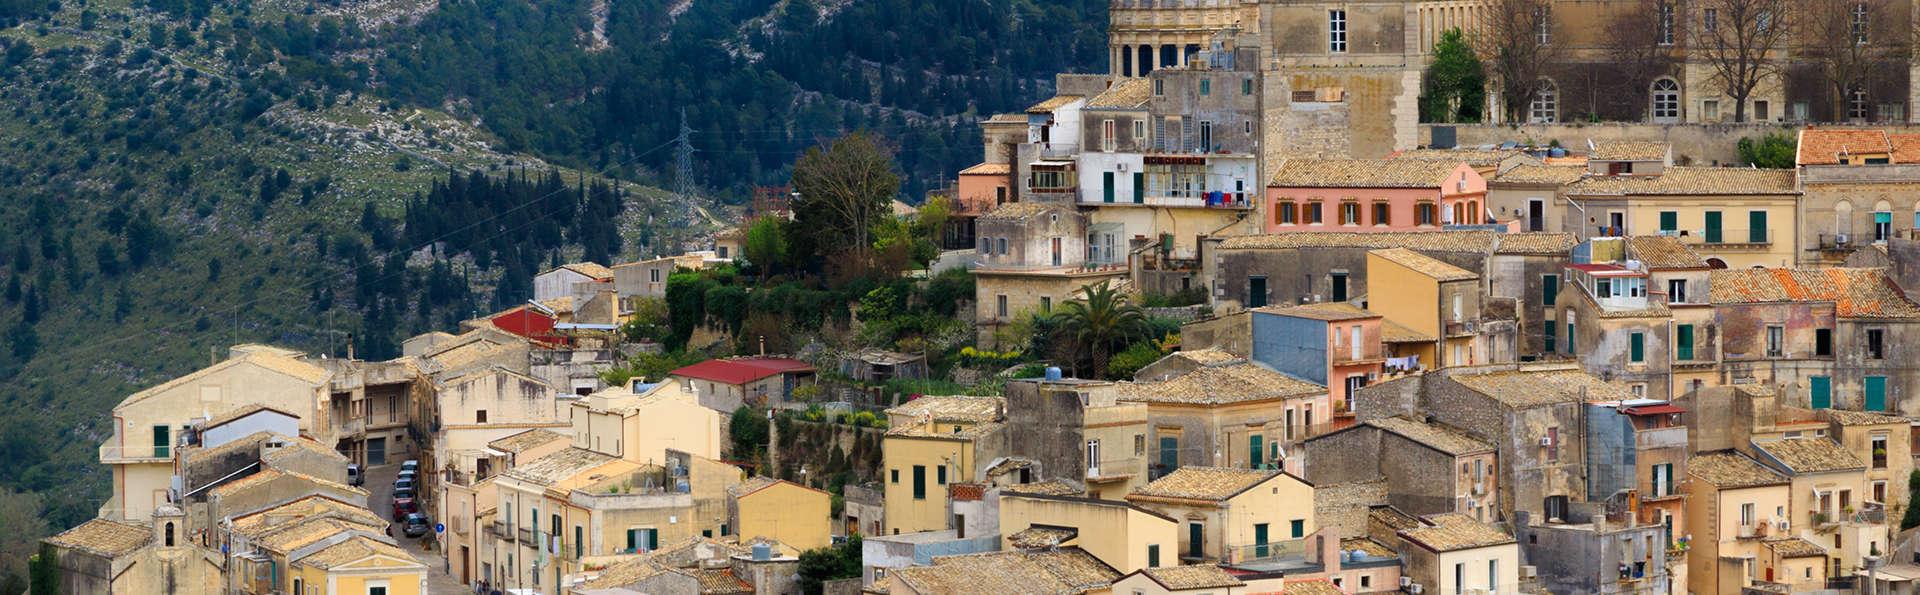 Poggio del Sole Hotel  - Edit_Ragusa2.jpg